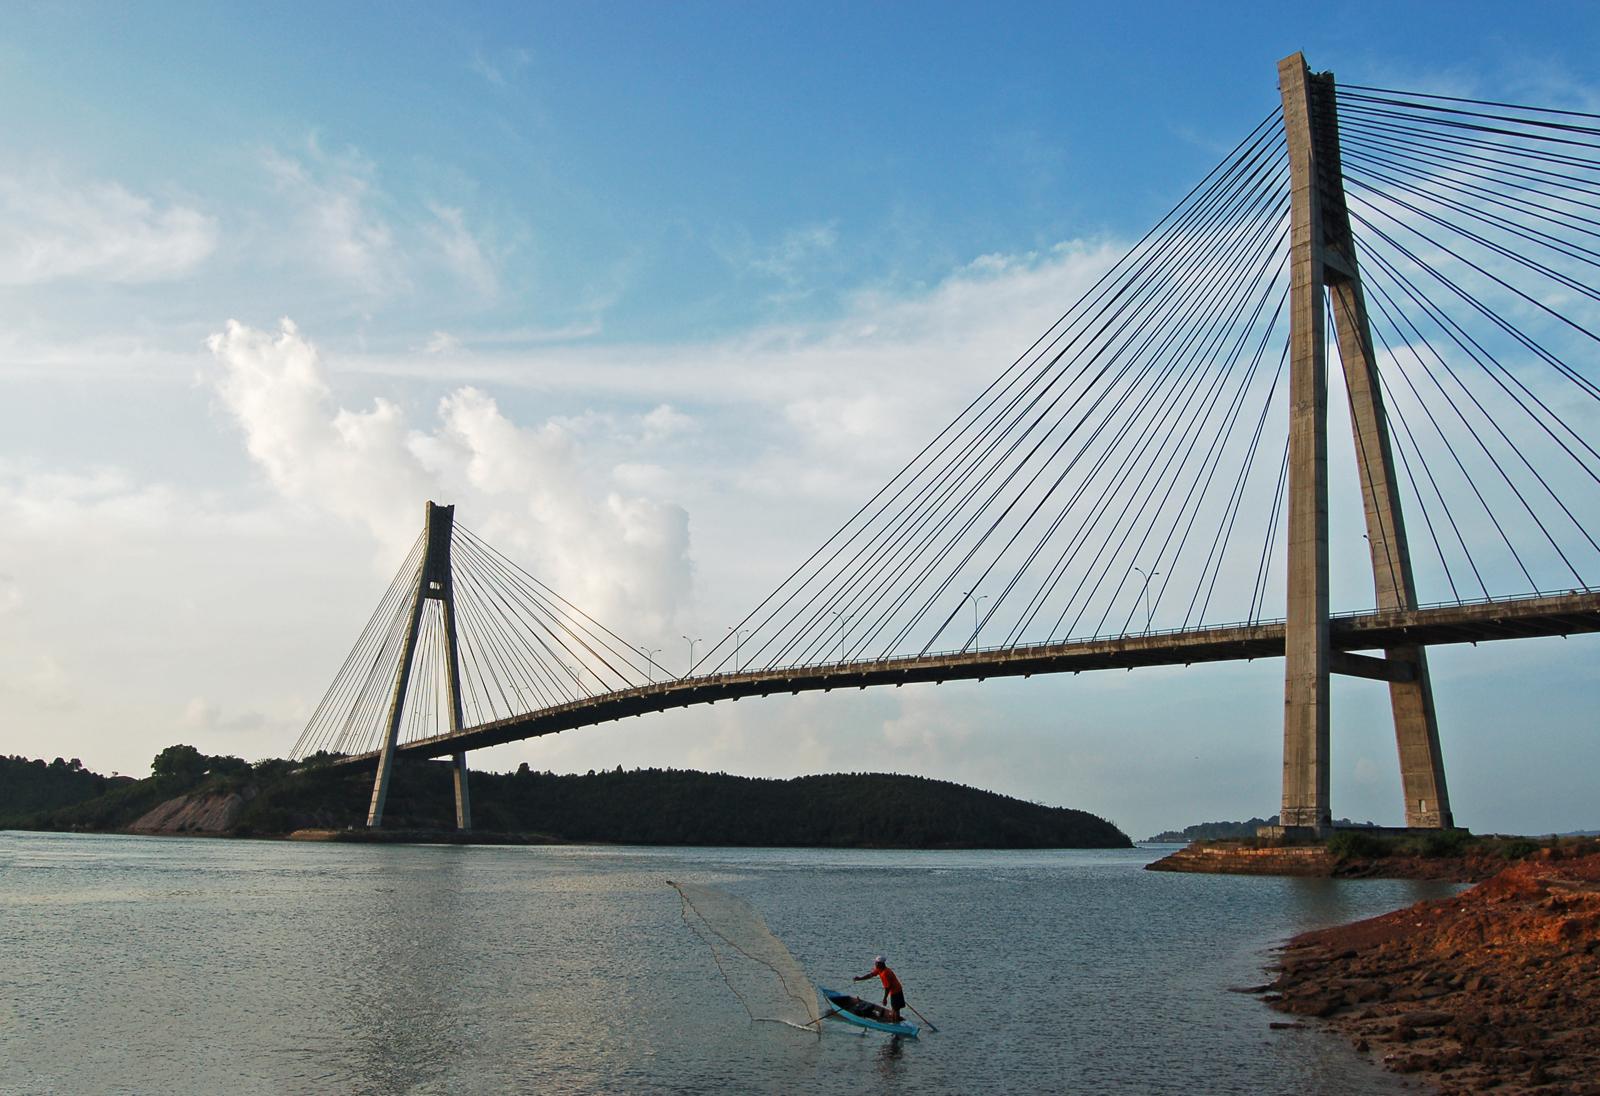 Kepulauan Riau Wikipedia Bahasa Indonesia Ensiklopedia Bebas Jembatan Tengku Fisabilillah